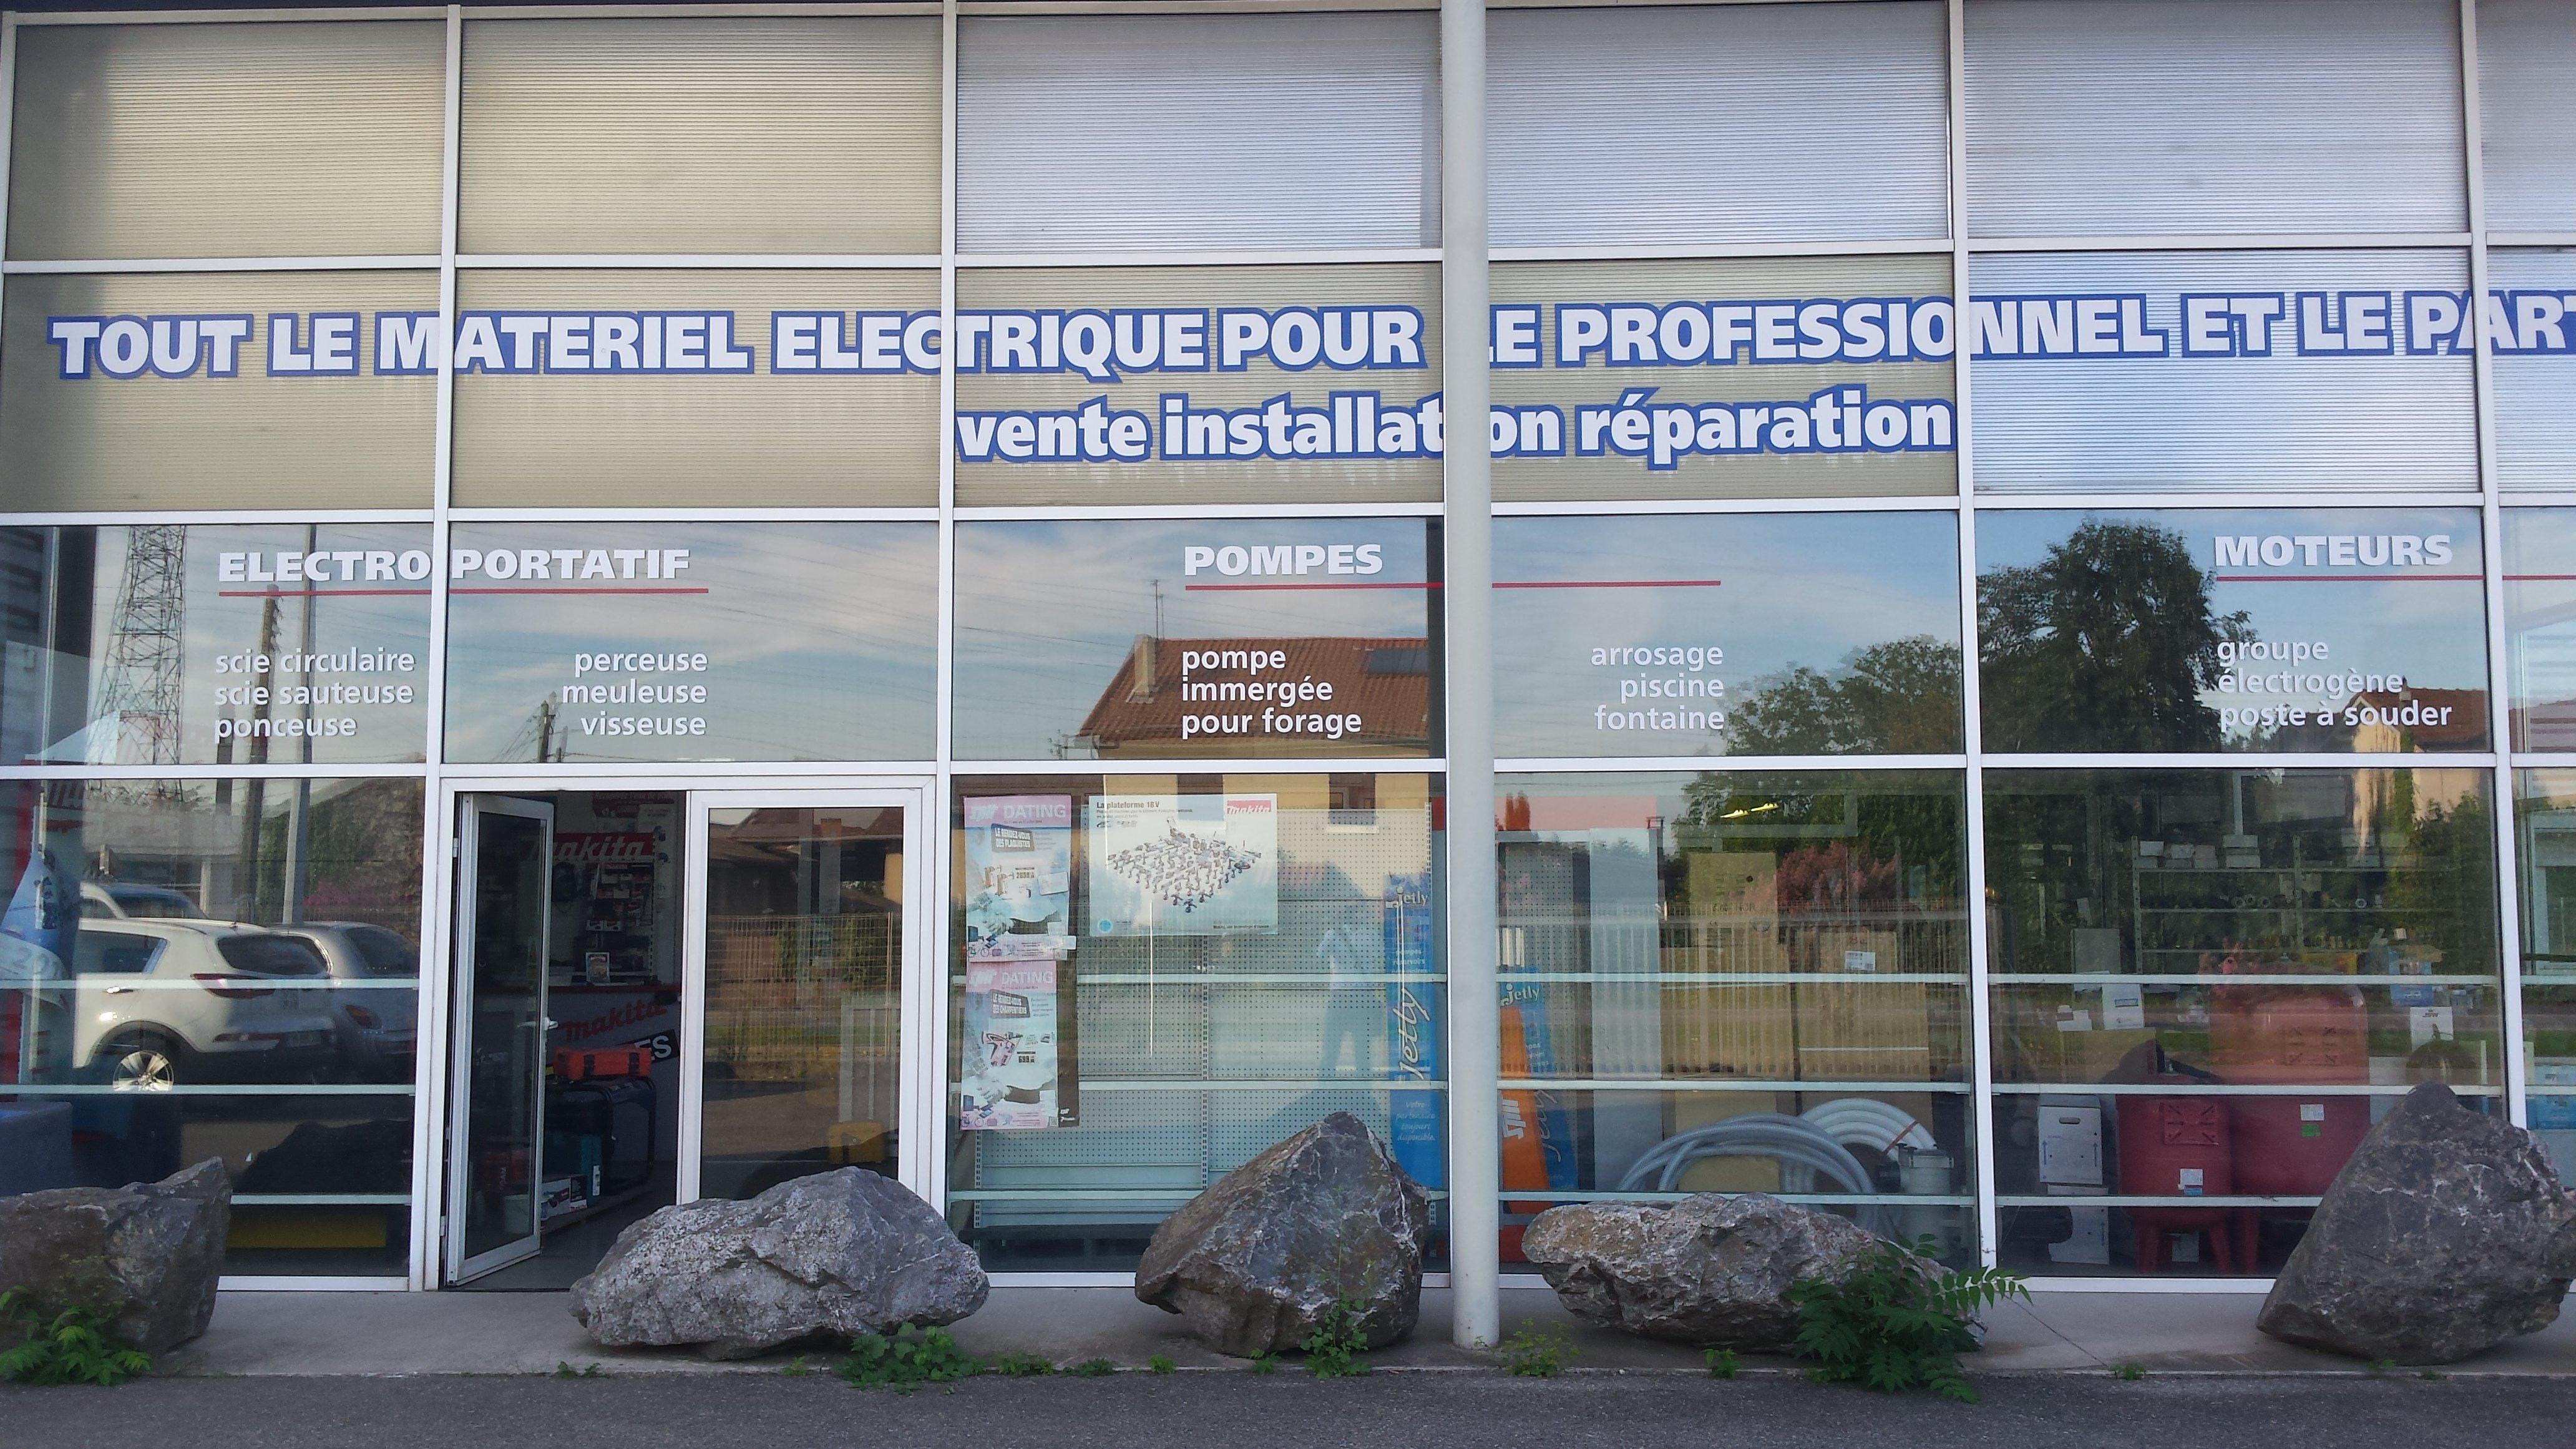 L'Entreprise EBRM